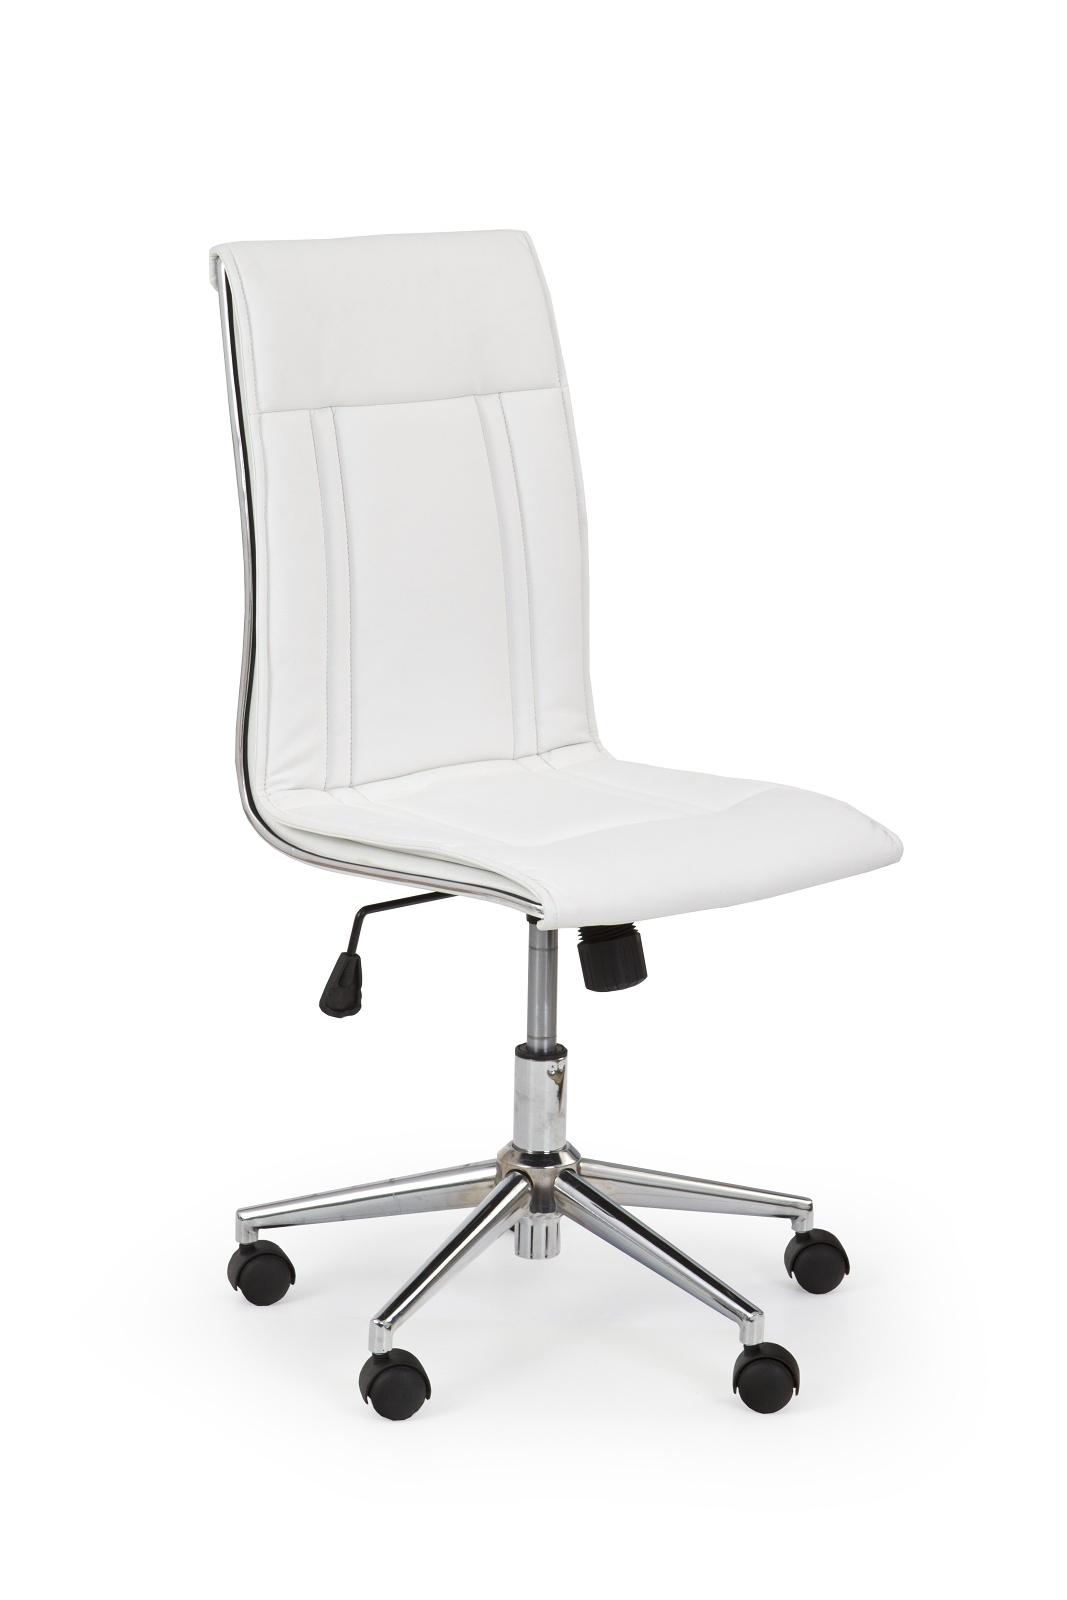 32f081d0b384 Kancelárske stoličky od 25 € v akcii až -38% • NovýNábytok.sk